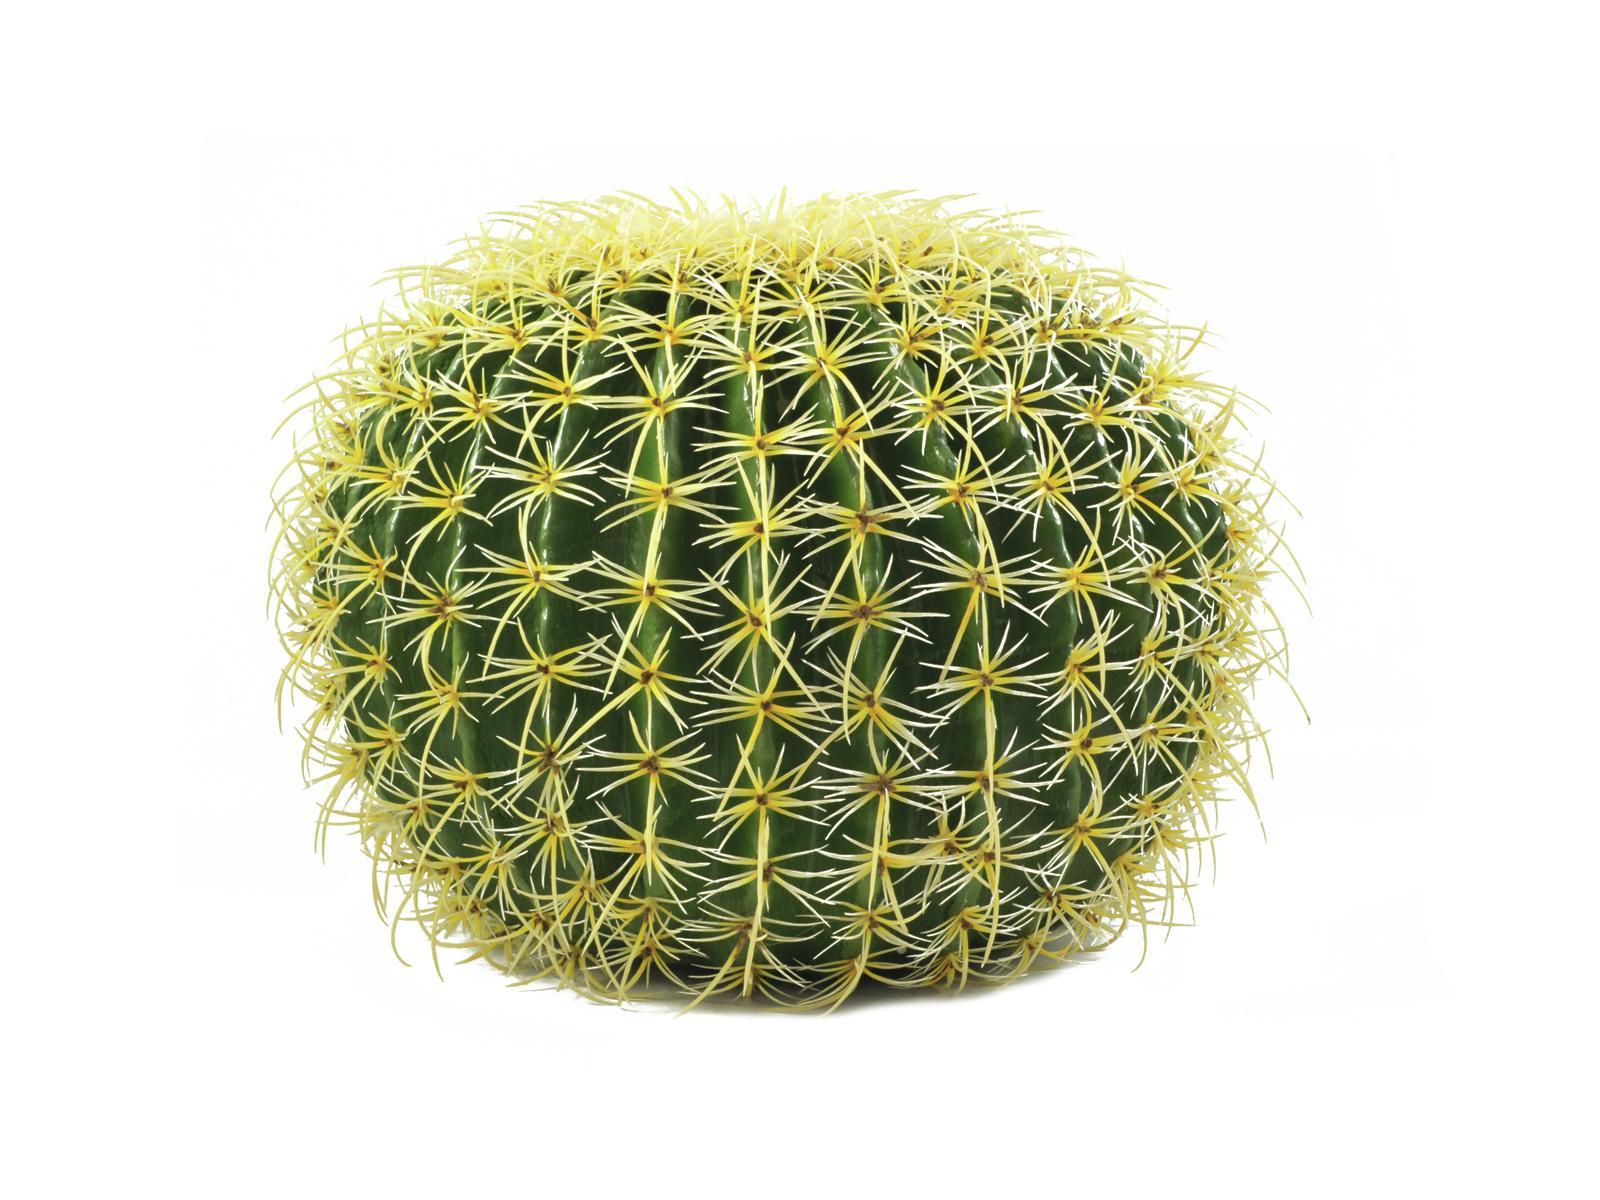 europalms-goldkugelkaktus-37cm-kunststoffpflanze